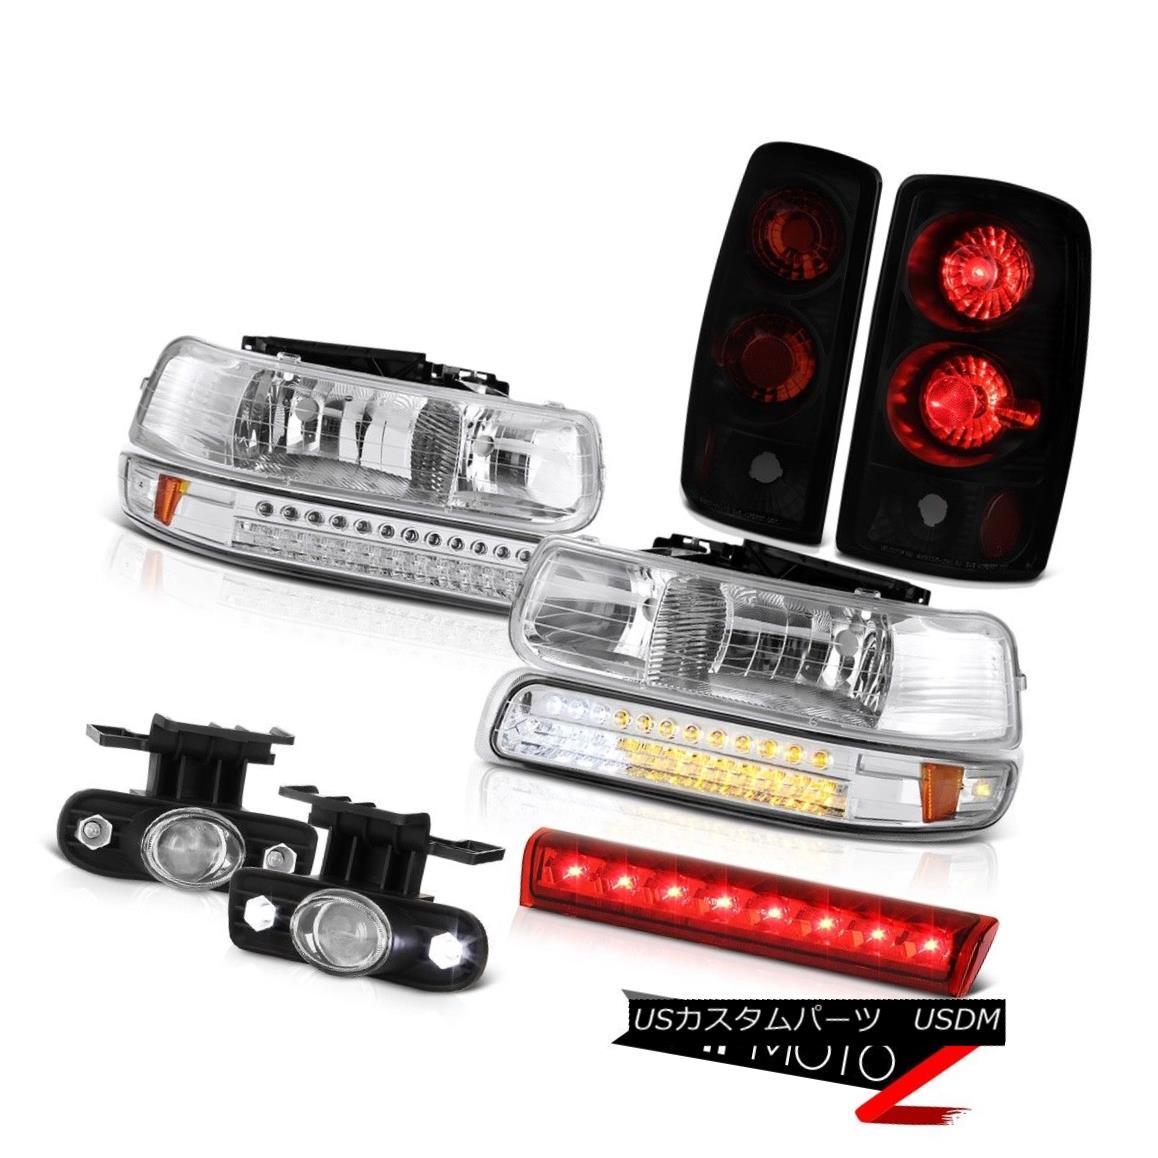 ヘッドライト 2000-2006 Chevy Tahoe Z71 High stop lamp fog lights smoke tinted tail Headlights 2000-2006シボレータホZ71ハイストップランプフォグライト煙がかかったテールヘッドライト